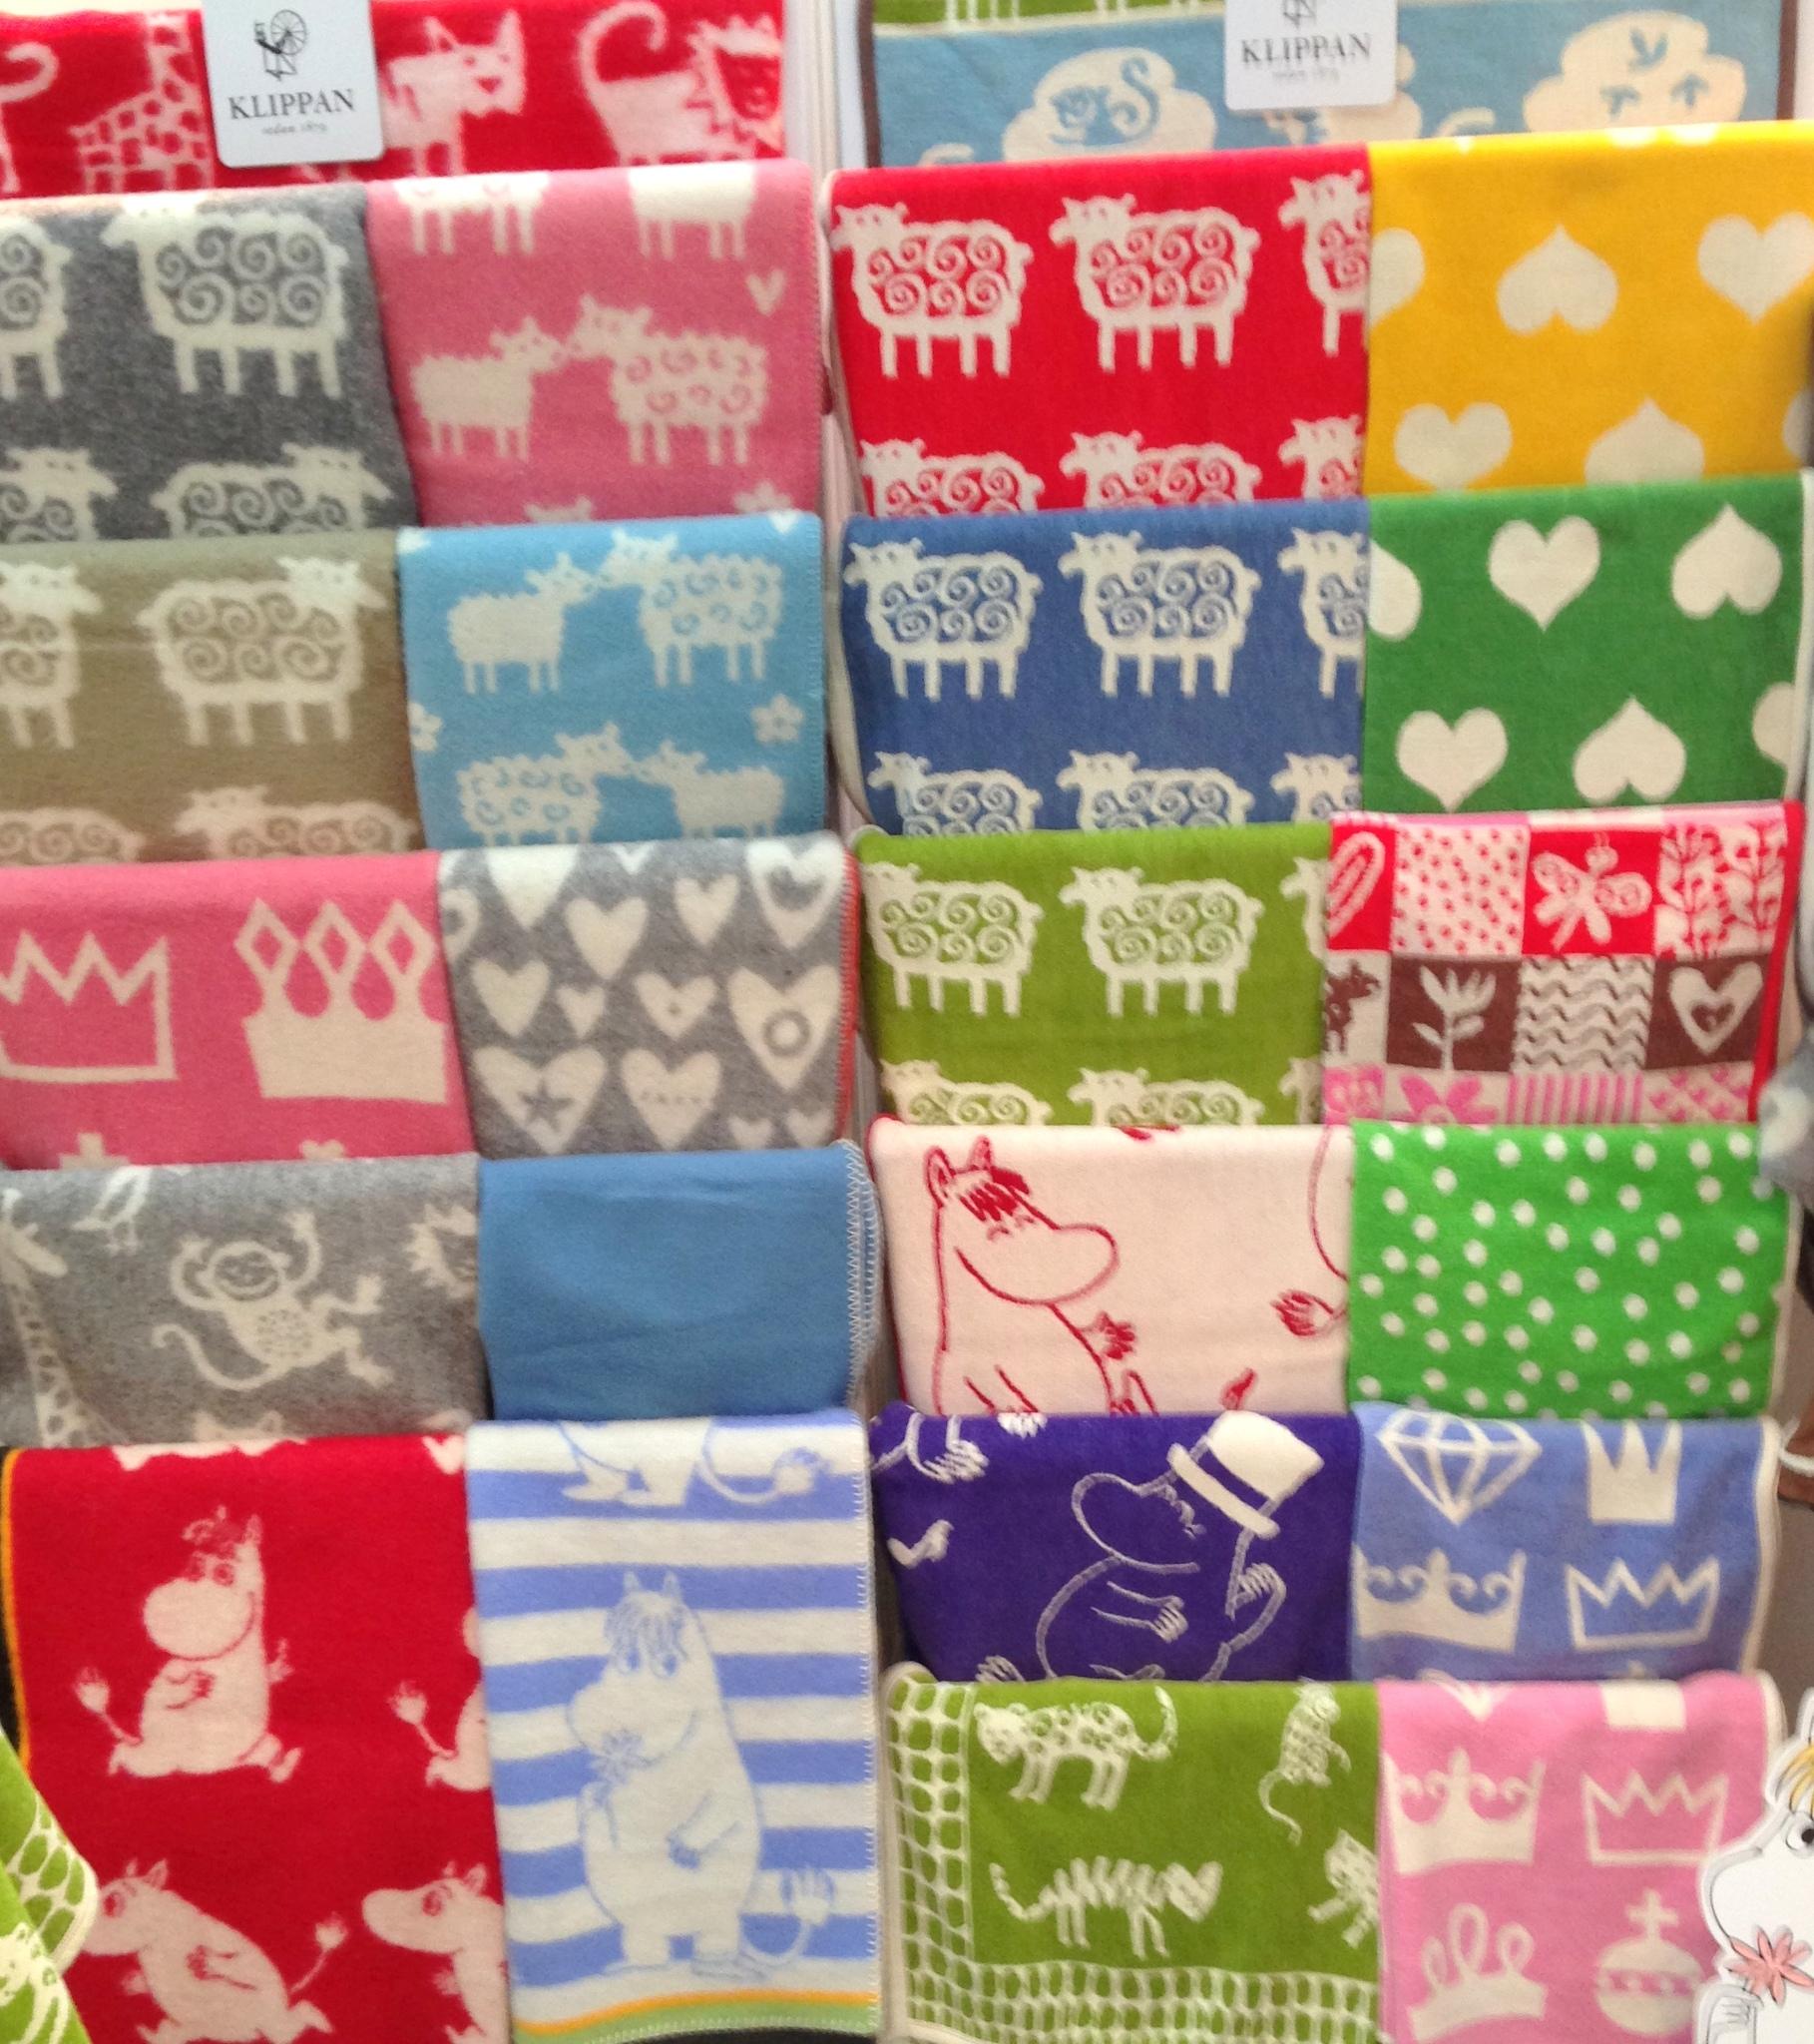 Одеяло плед детский шерсть хлопок Швеция Klippan 70-90, 90-140